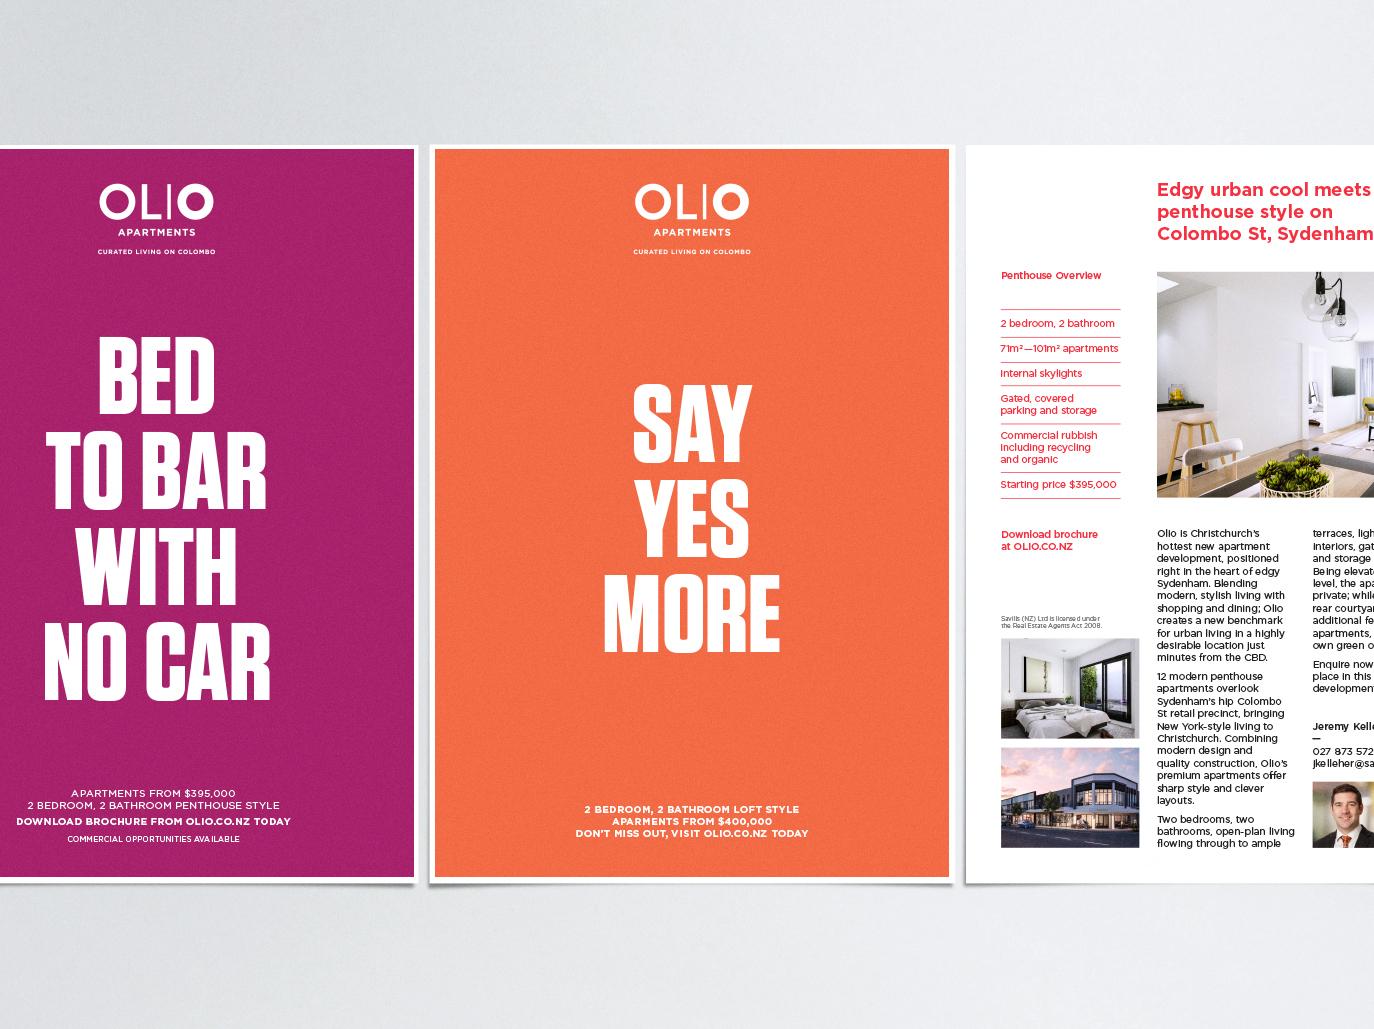 Nik house olio apartments olio5 reheart Choice Image